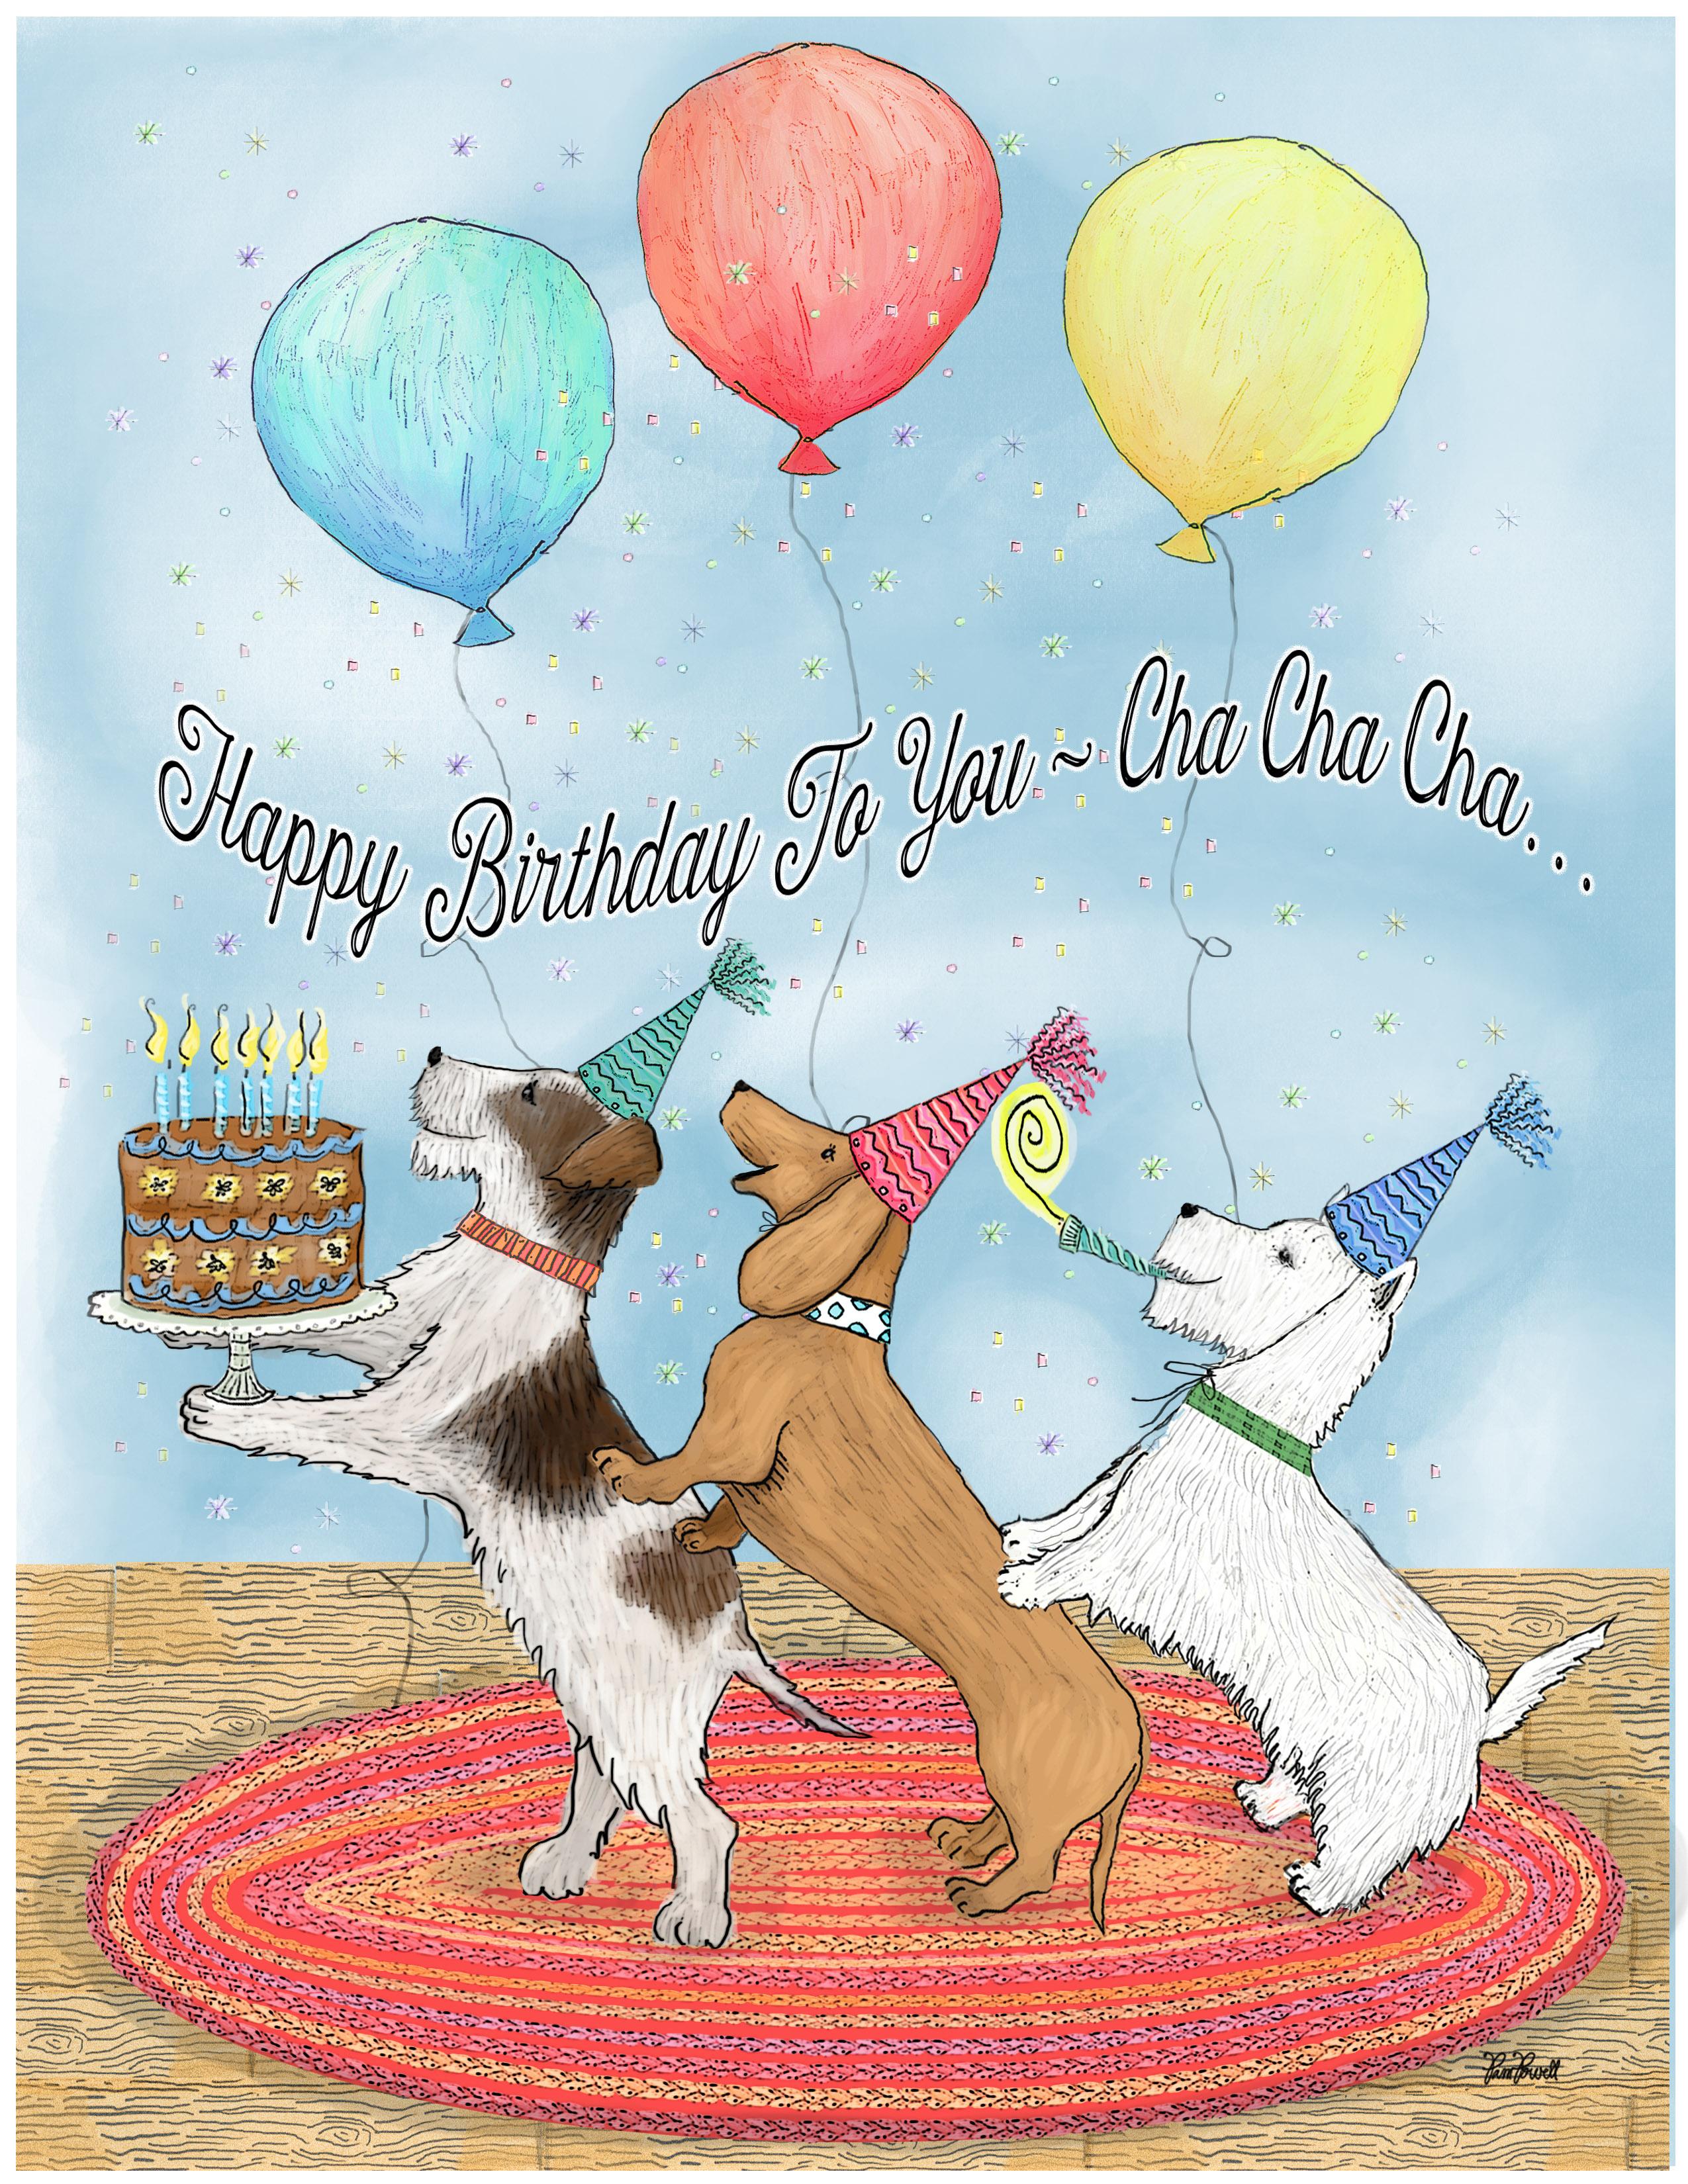 Pin by Jawine van Noortwijk on Verjaardagskaarten hond